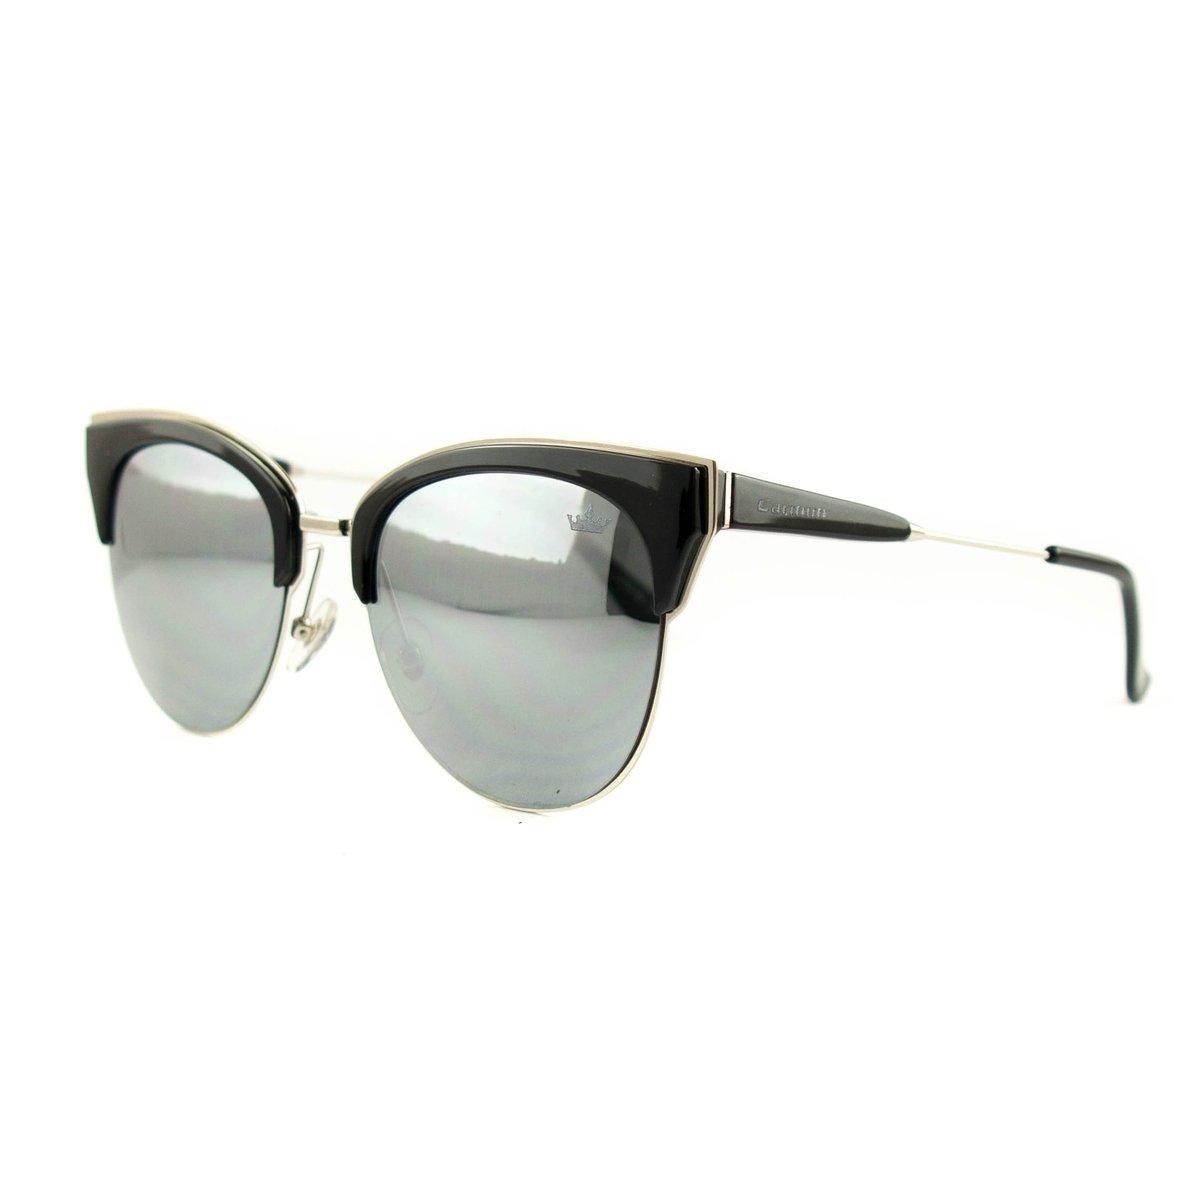 88624e946d5b2 Óculos Carmim De Sol Espelhado - Compre Agora